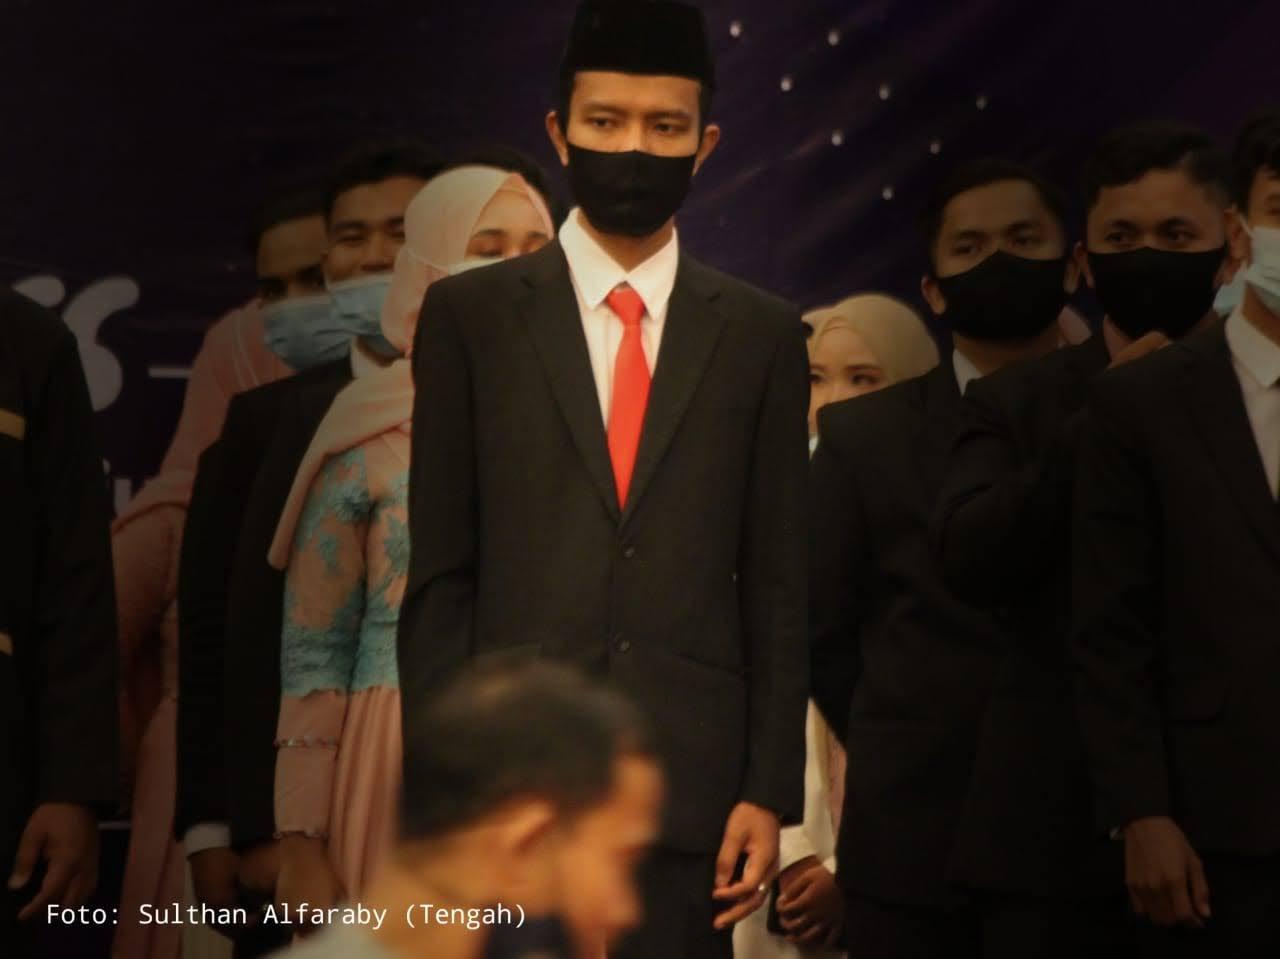 Sulthan Alfaraby akan Diberikan Penghargaan oleh MPI, Ini Tanggapannya